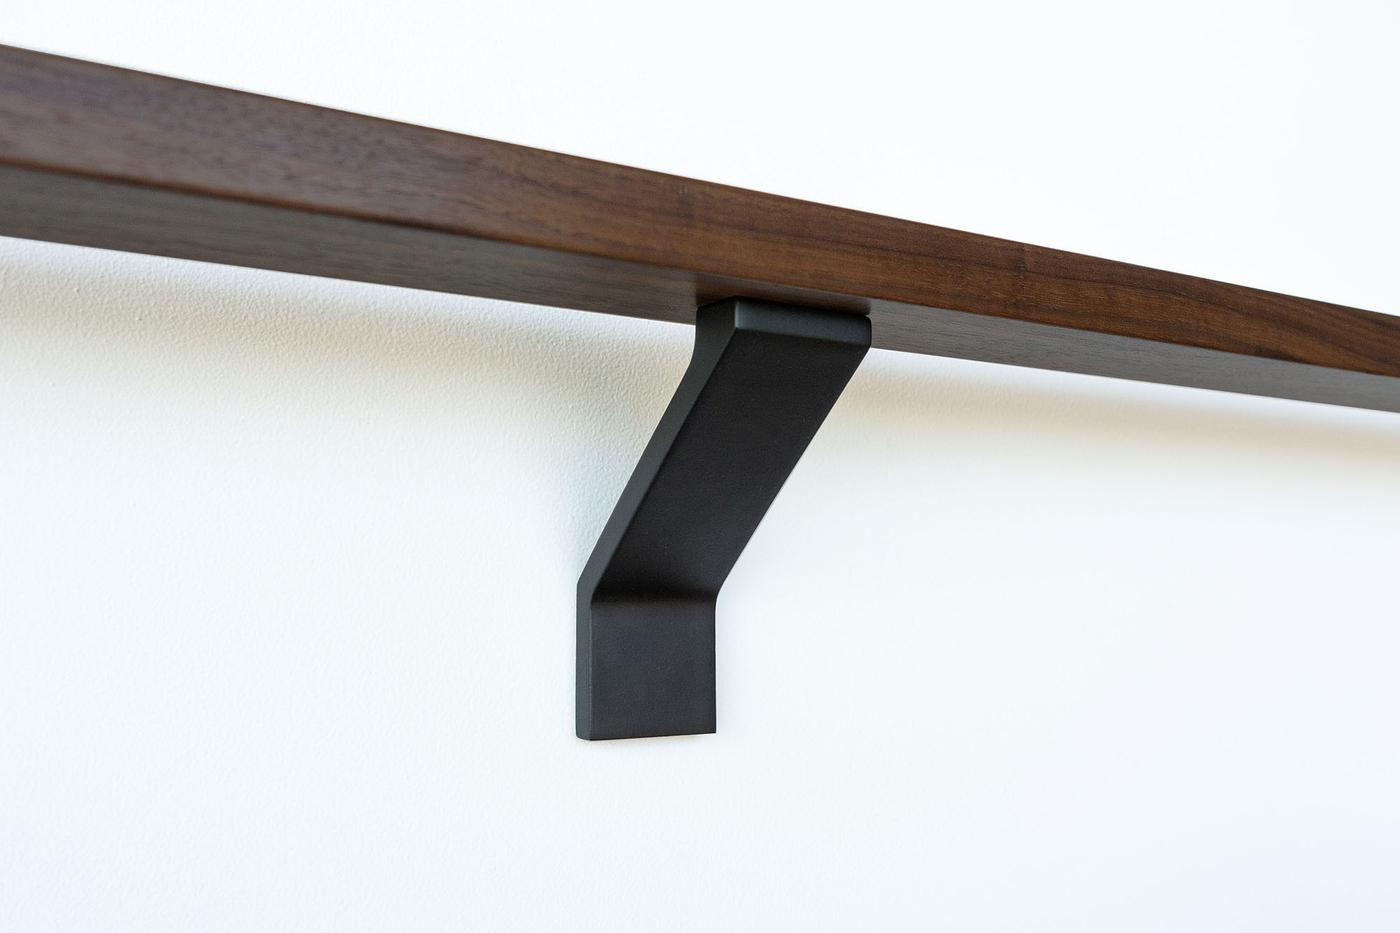 Sleek-black-handrail-bracket